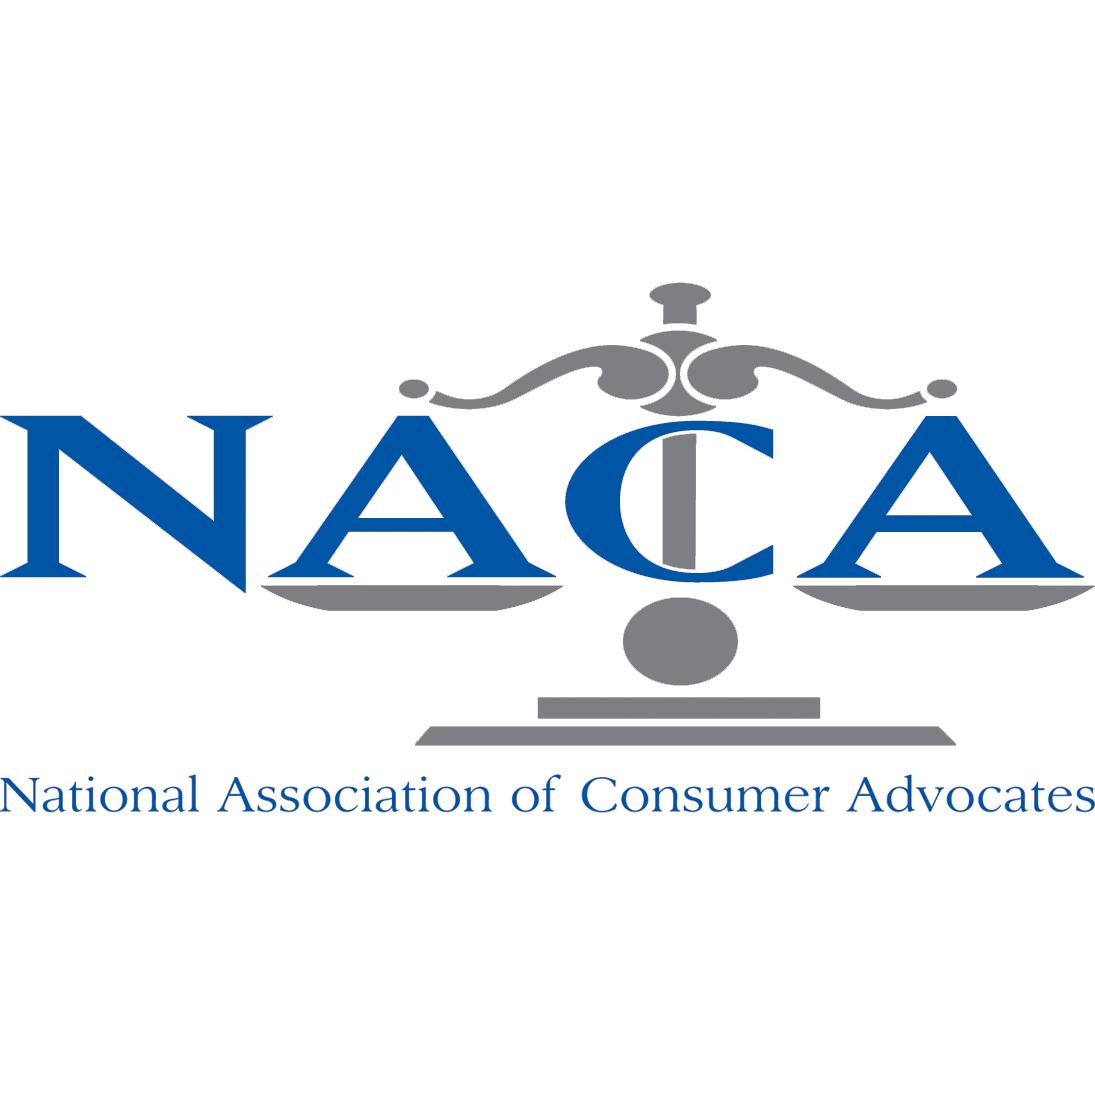 NACA - National Association of Consumer Advocates